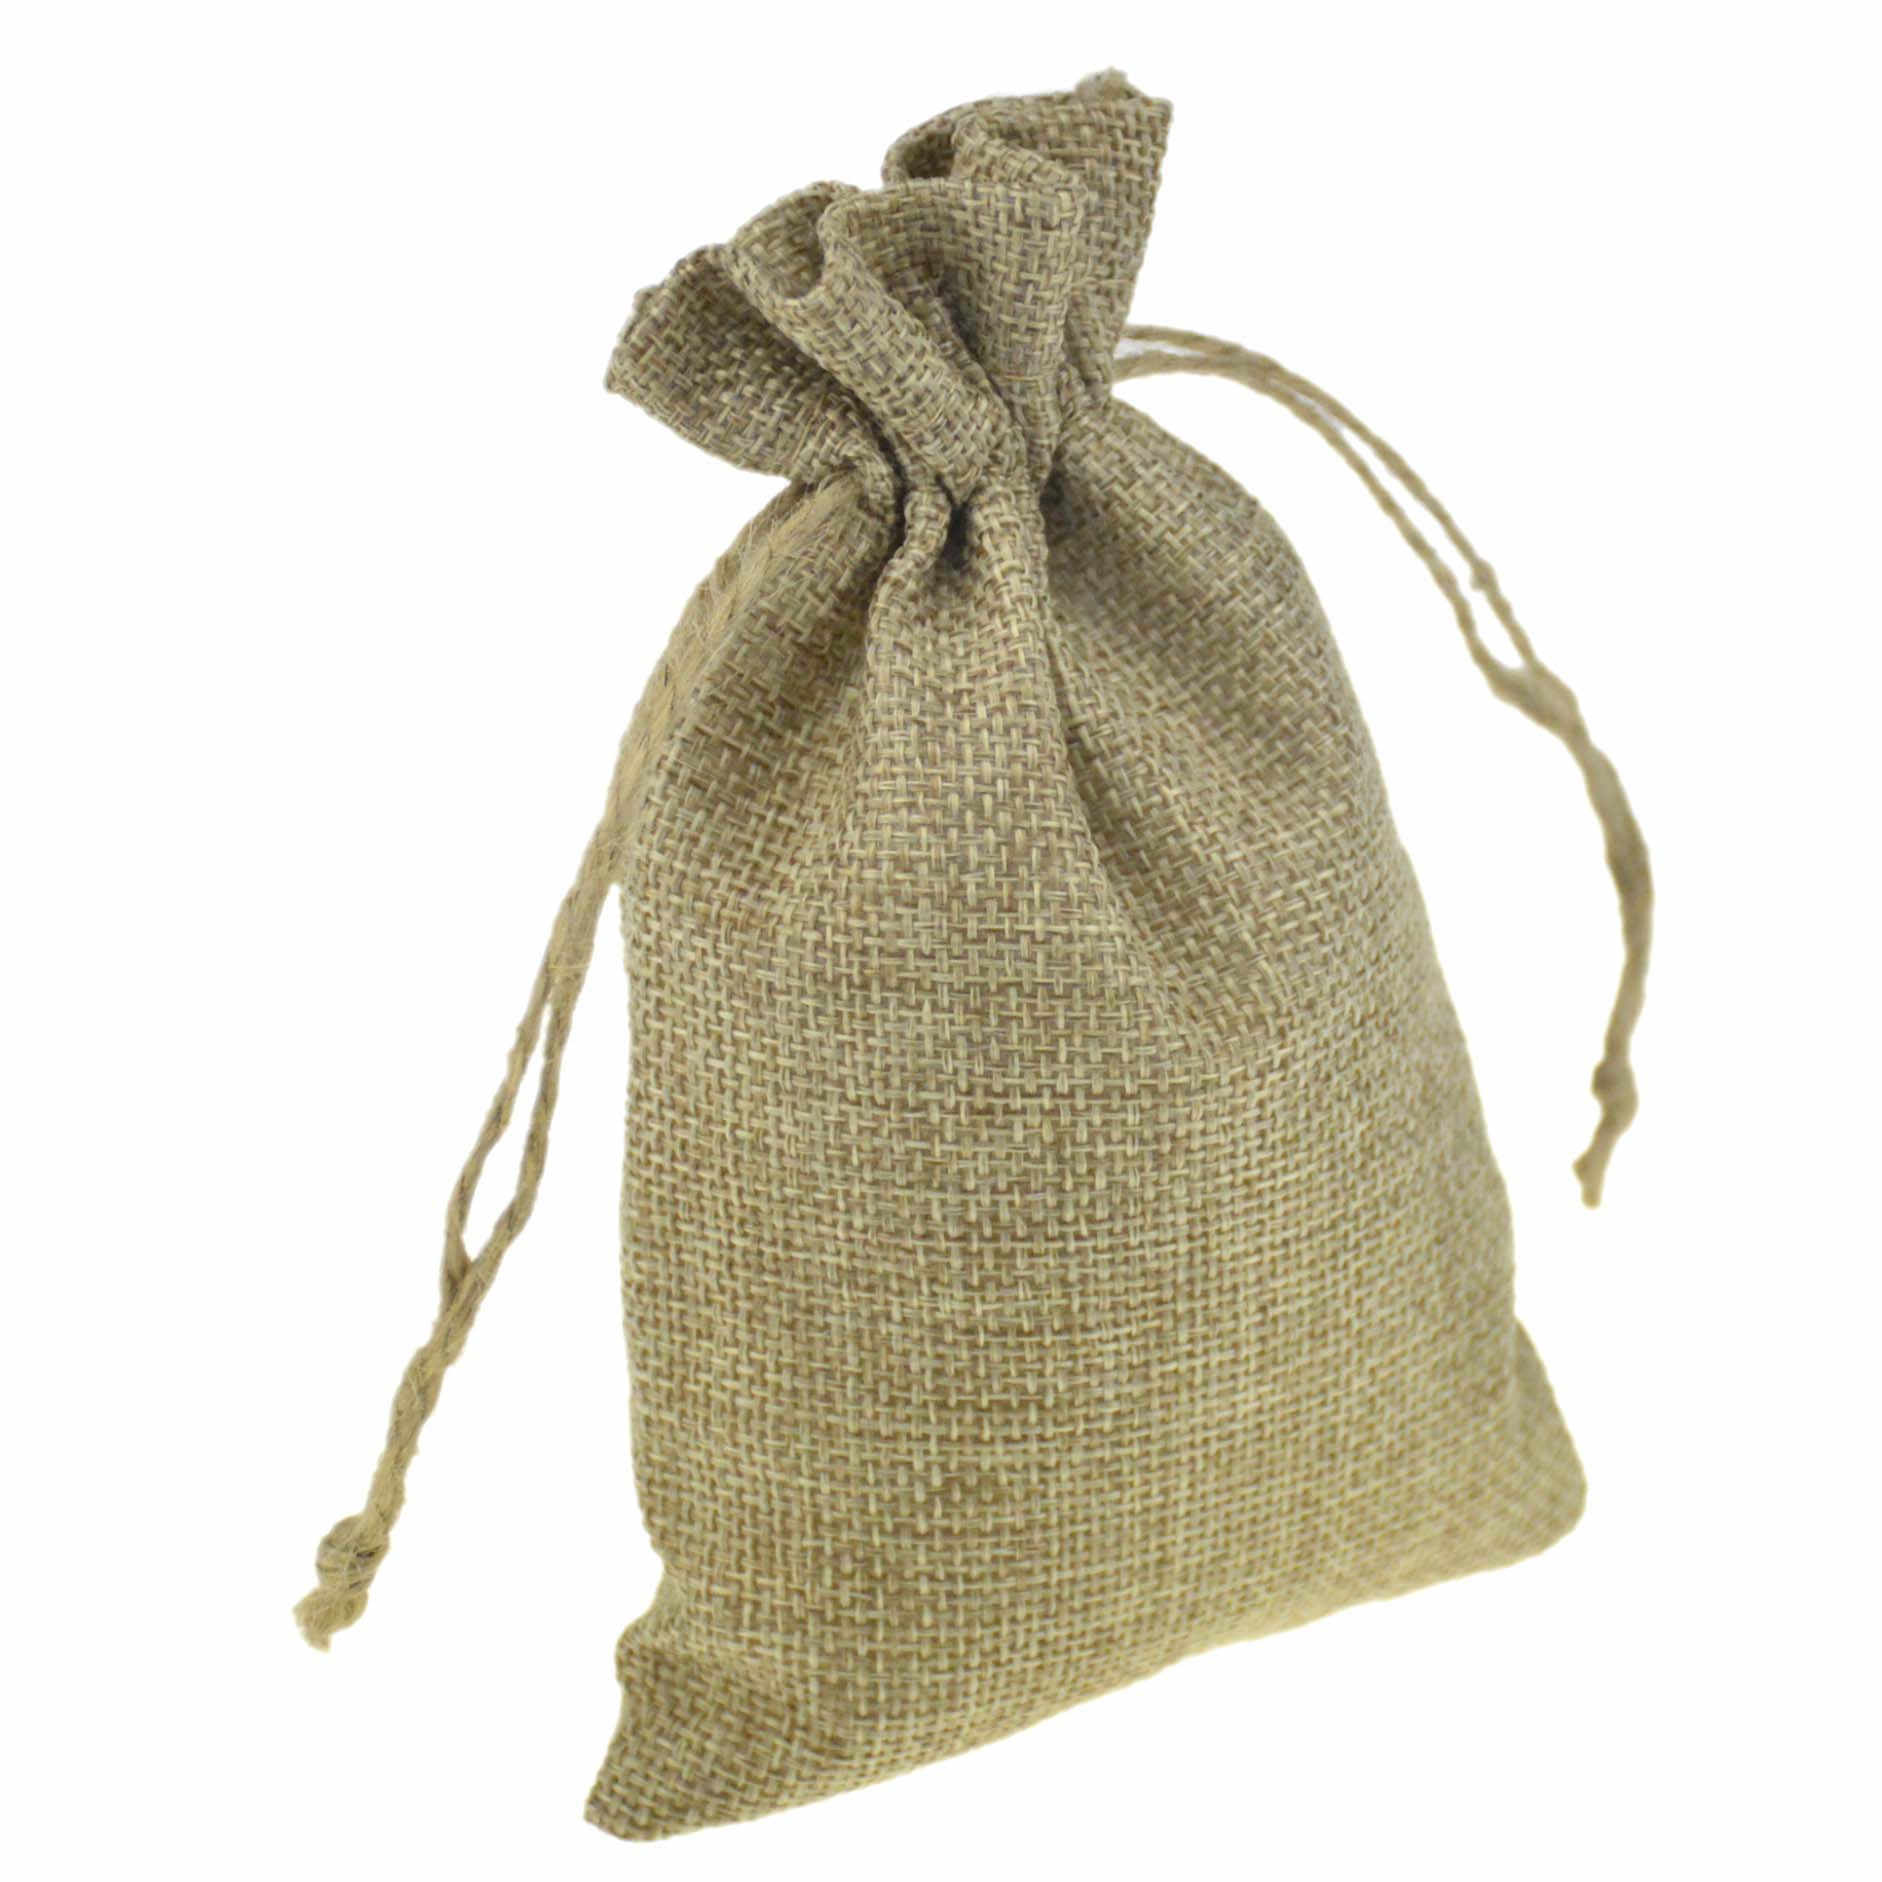 1PC 7 rozmiarów pościel juta etui ze sznurka bawełna świąteczny prezent na halloween torby pudełka opakowania do pakowania wesele torby cukierków